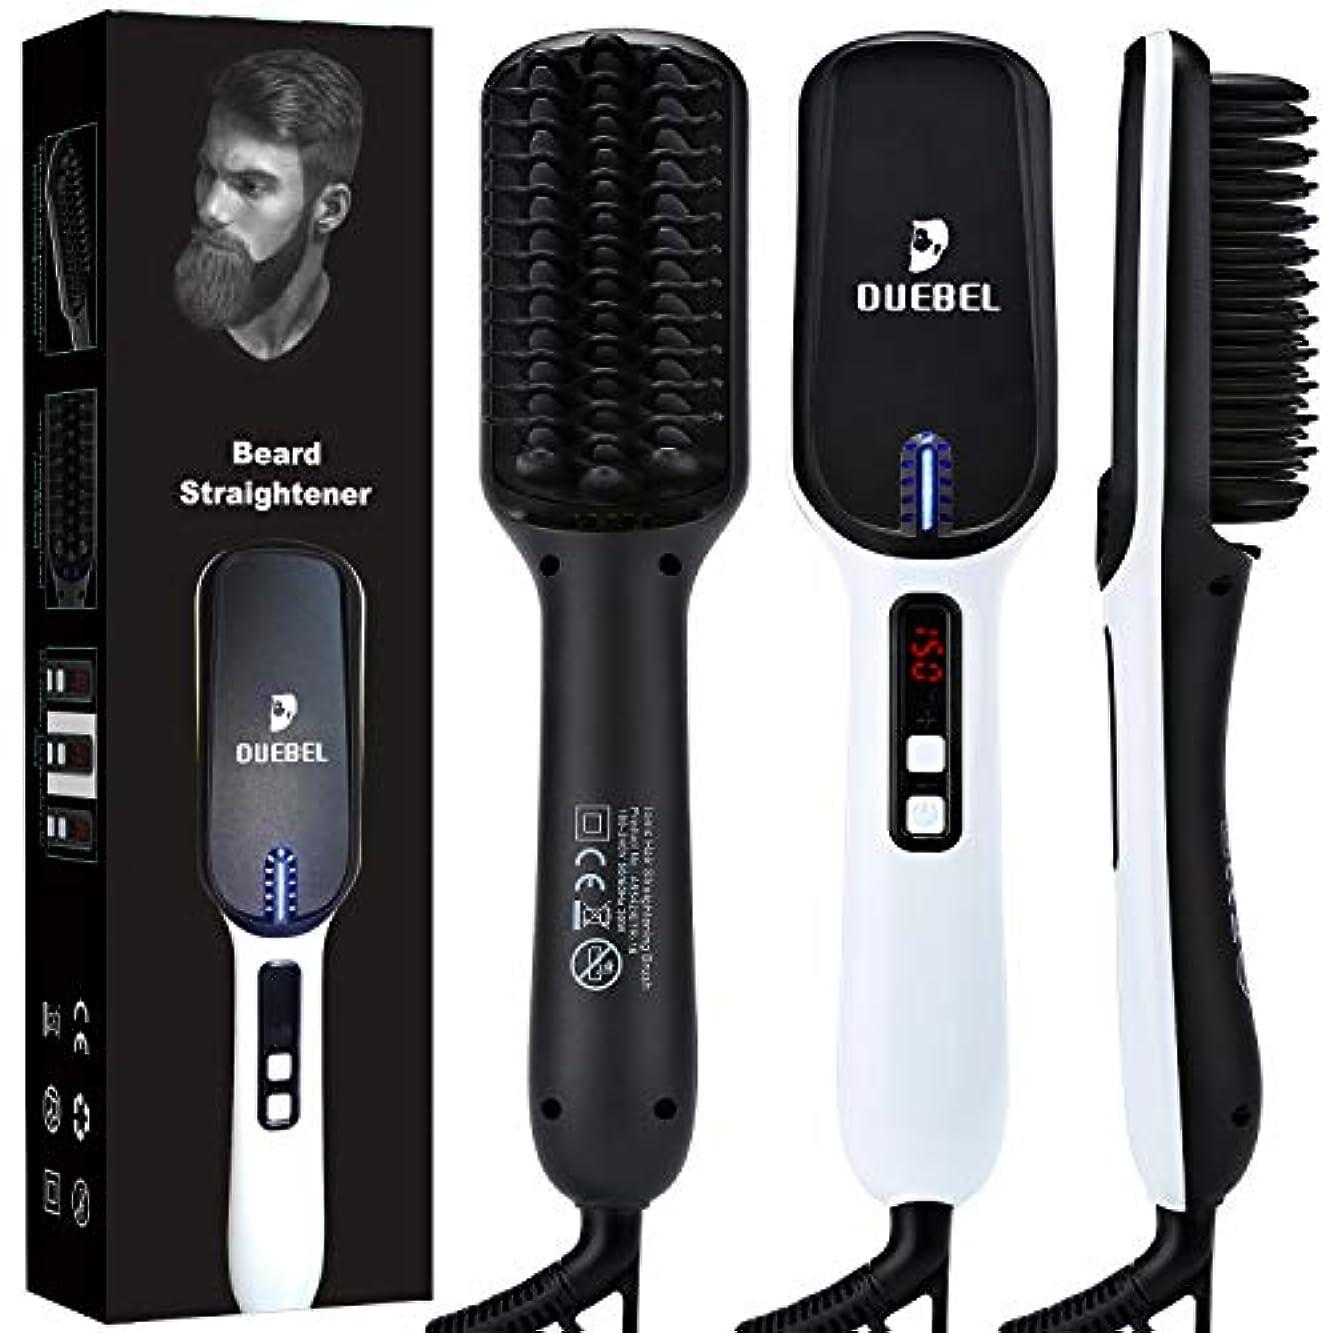 支給笑い納屋DUEBELひげ矯正加熱されたひげのくしアンチスケーリングひげのくし電気加熱されたくし毛矯正ブラシ男性用女性用